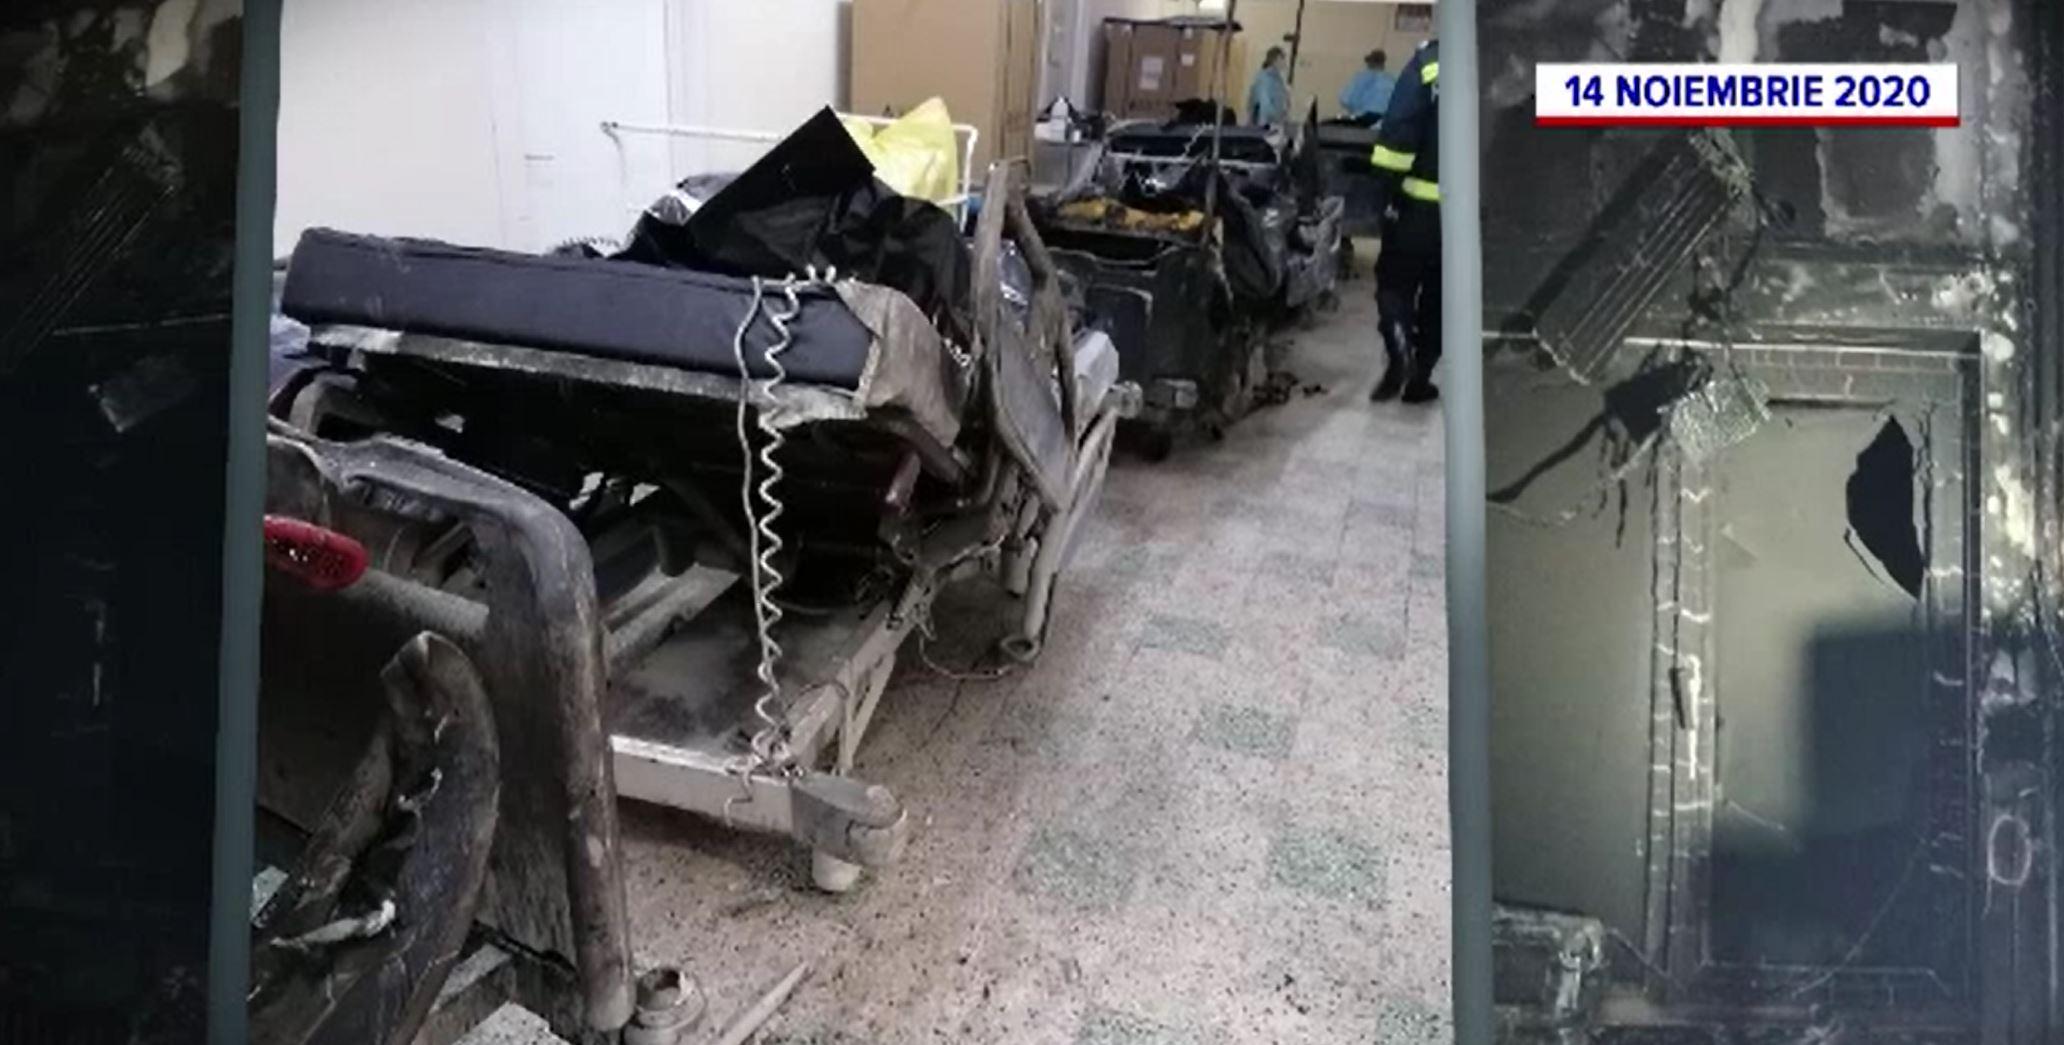 Tragedii în lanț în spitalele din România. Incidentul de la Victor Babeș, al treilea din ultimele șase luni